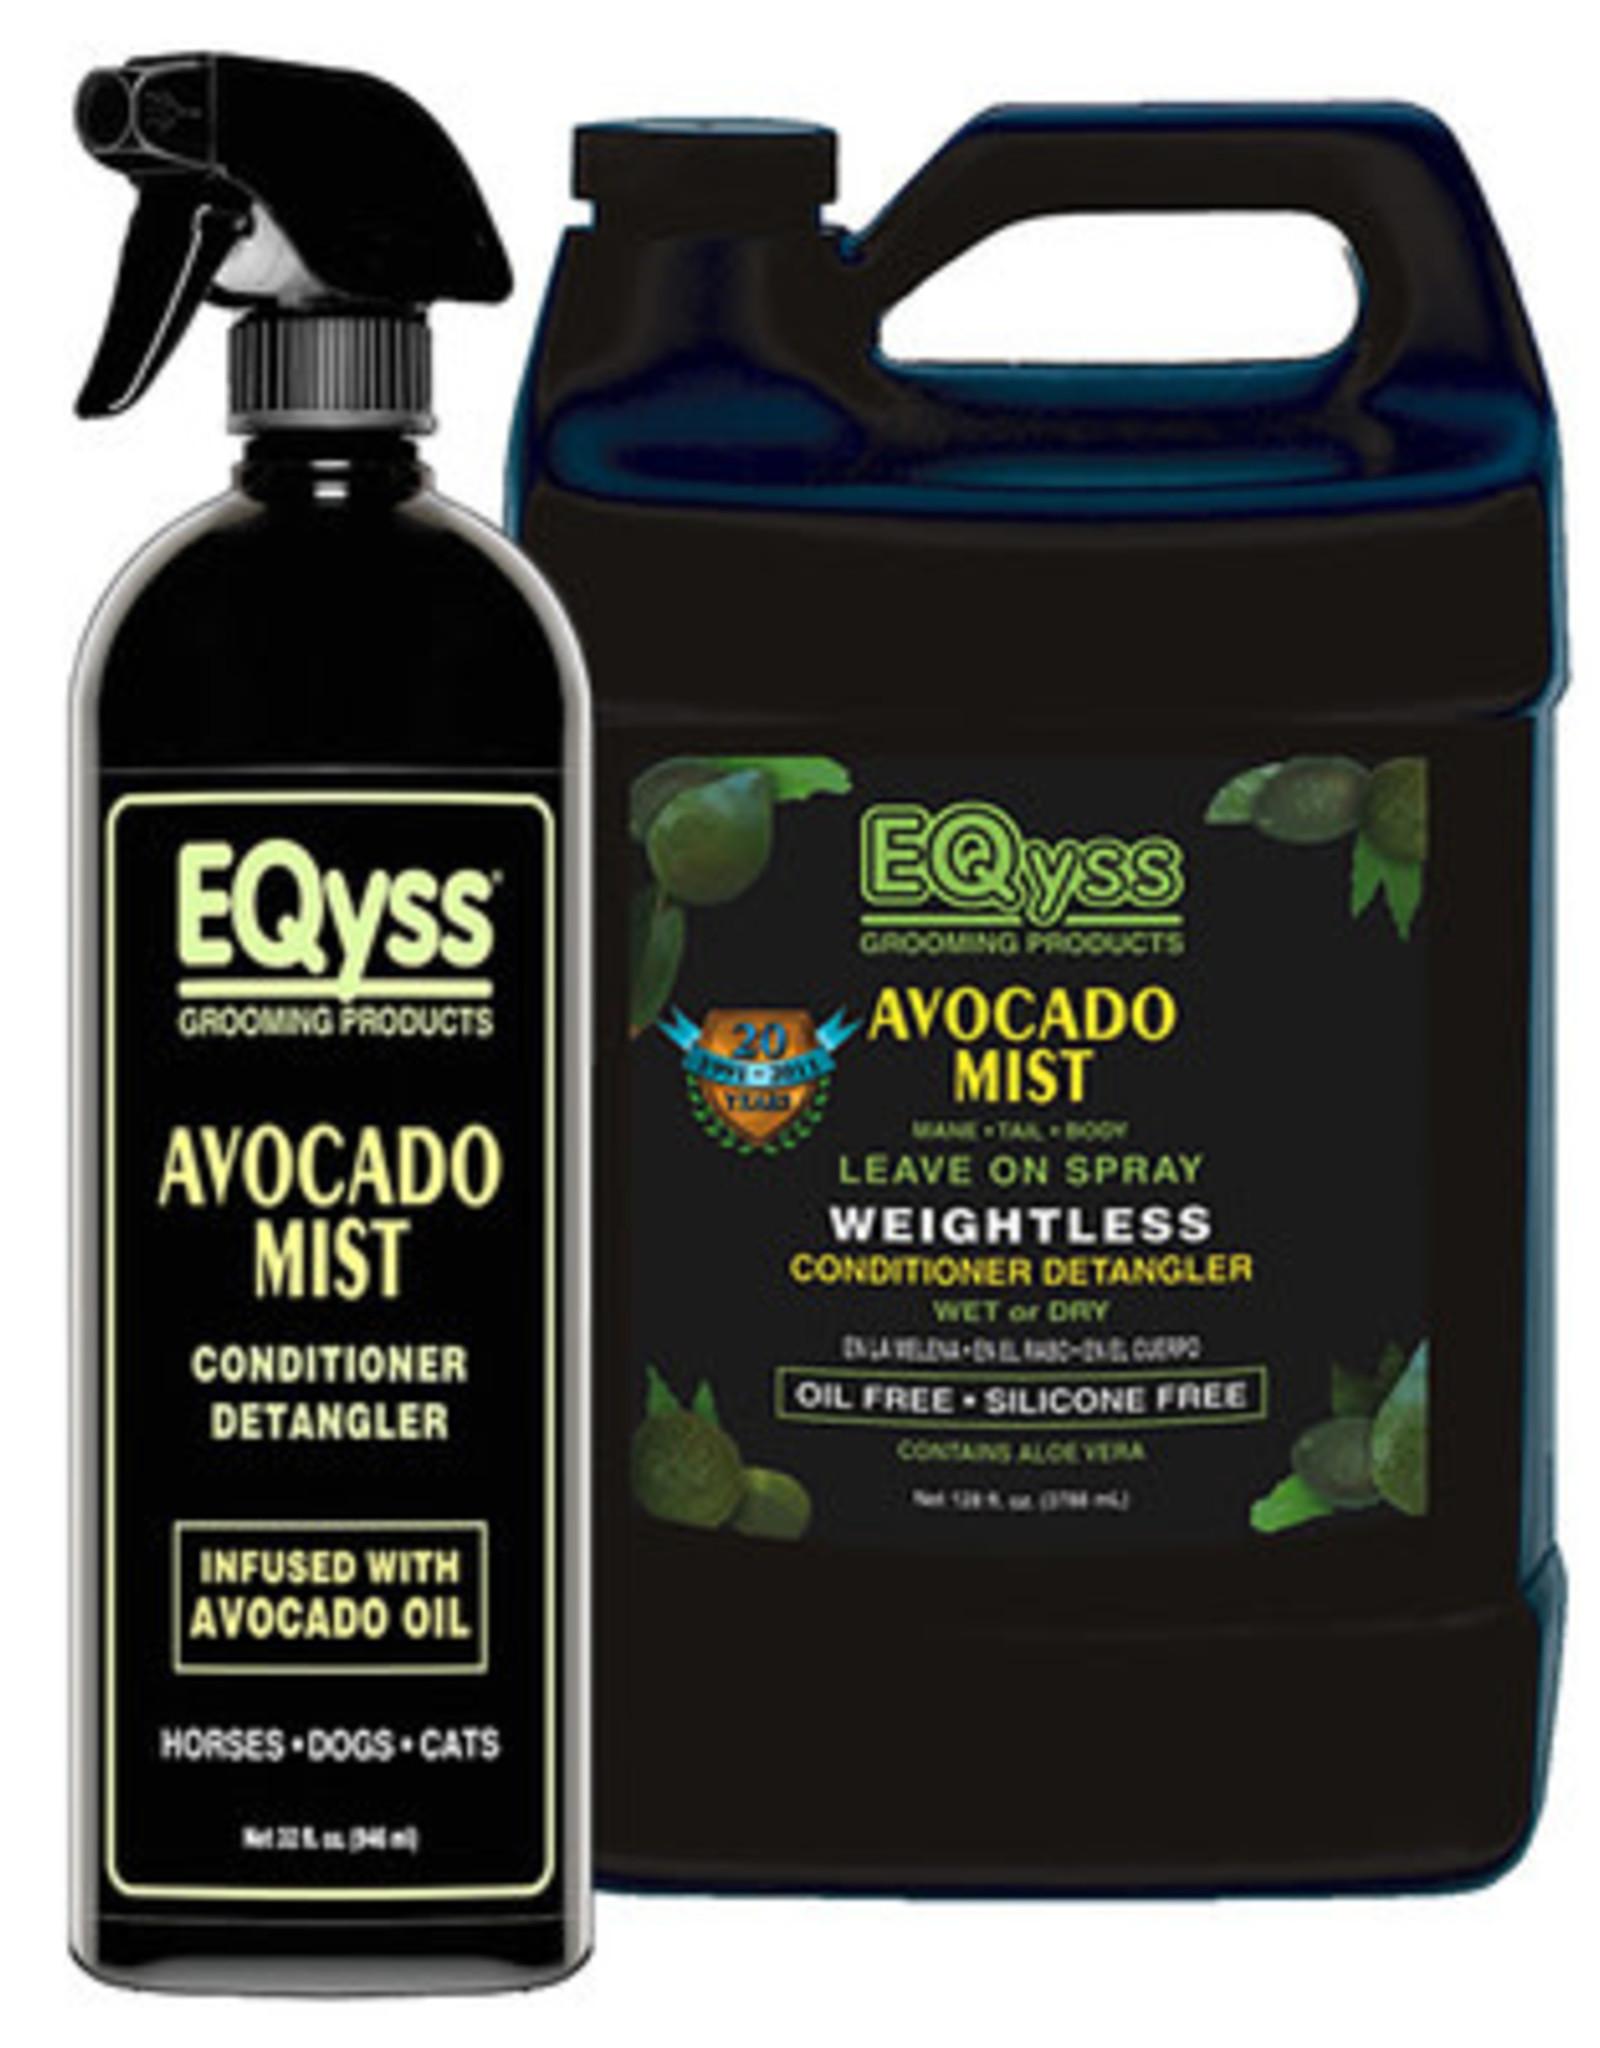 Avocado Mist Conditioner Detangler 32oz